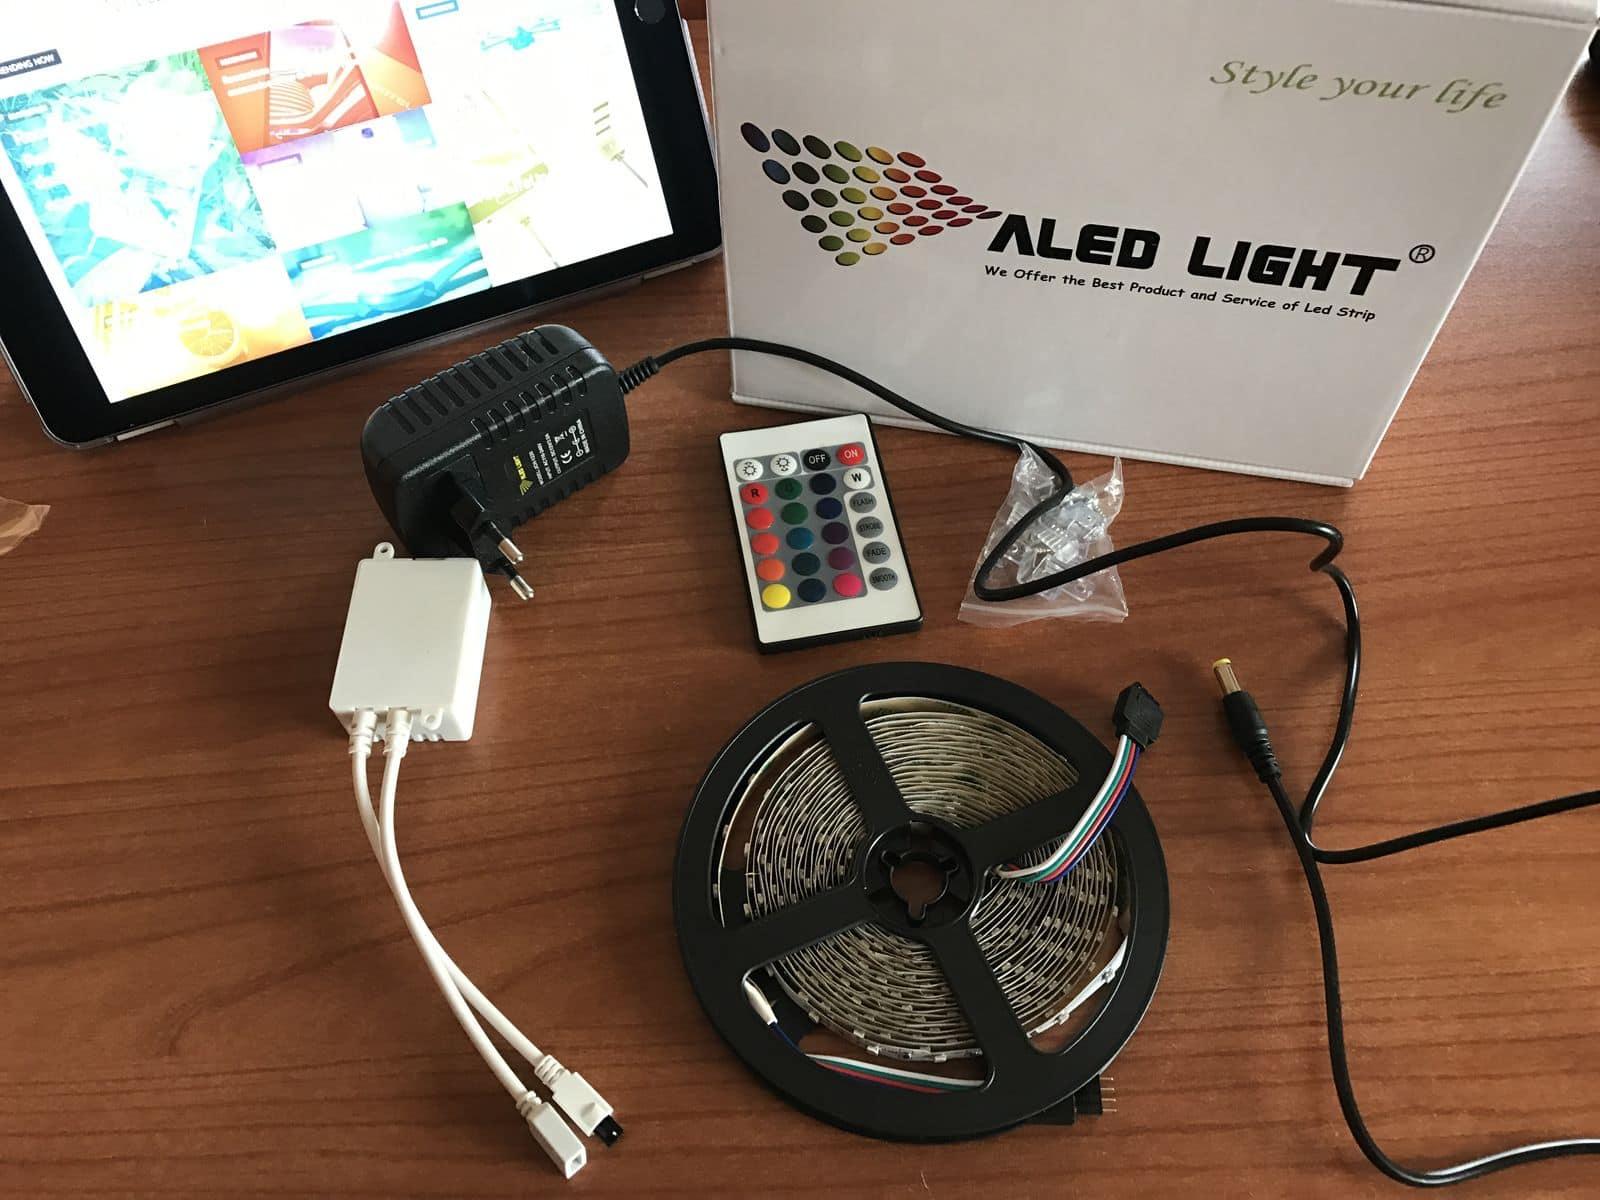 Recensione aled light striscia led 5m con 300 led da interni - Strisce a led per interni ...